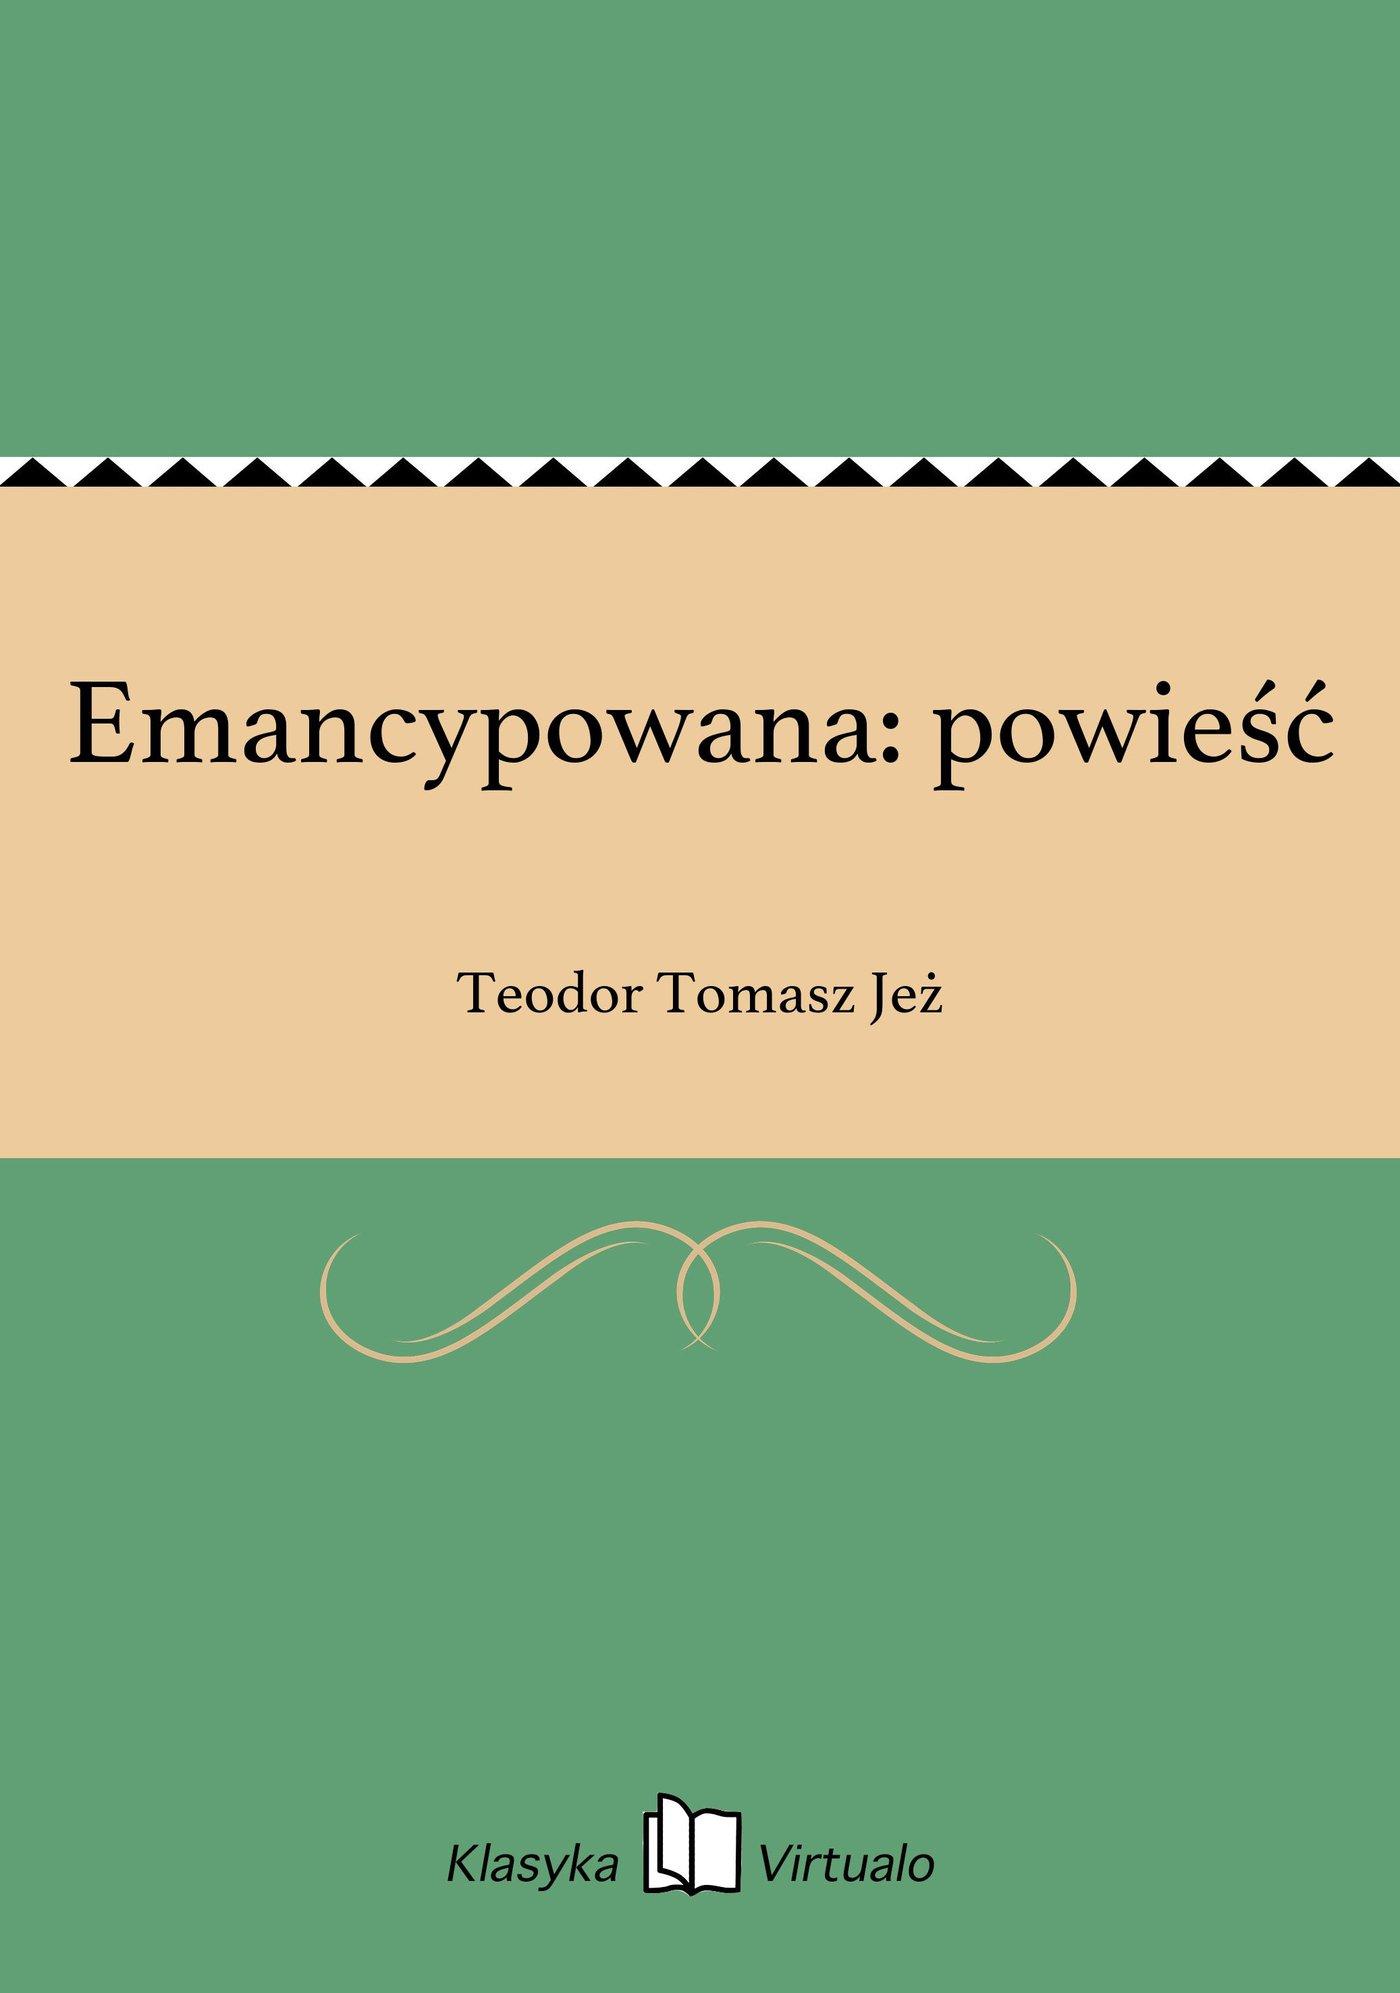 Emancypowana: powieść - Ebook (Książka EPUB) do pobrania w formacie EPUB